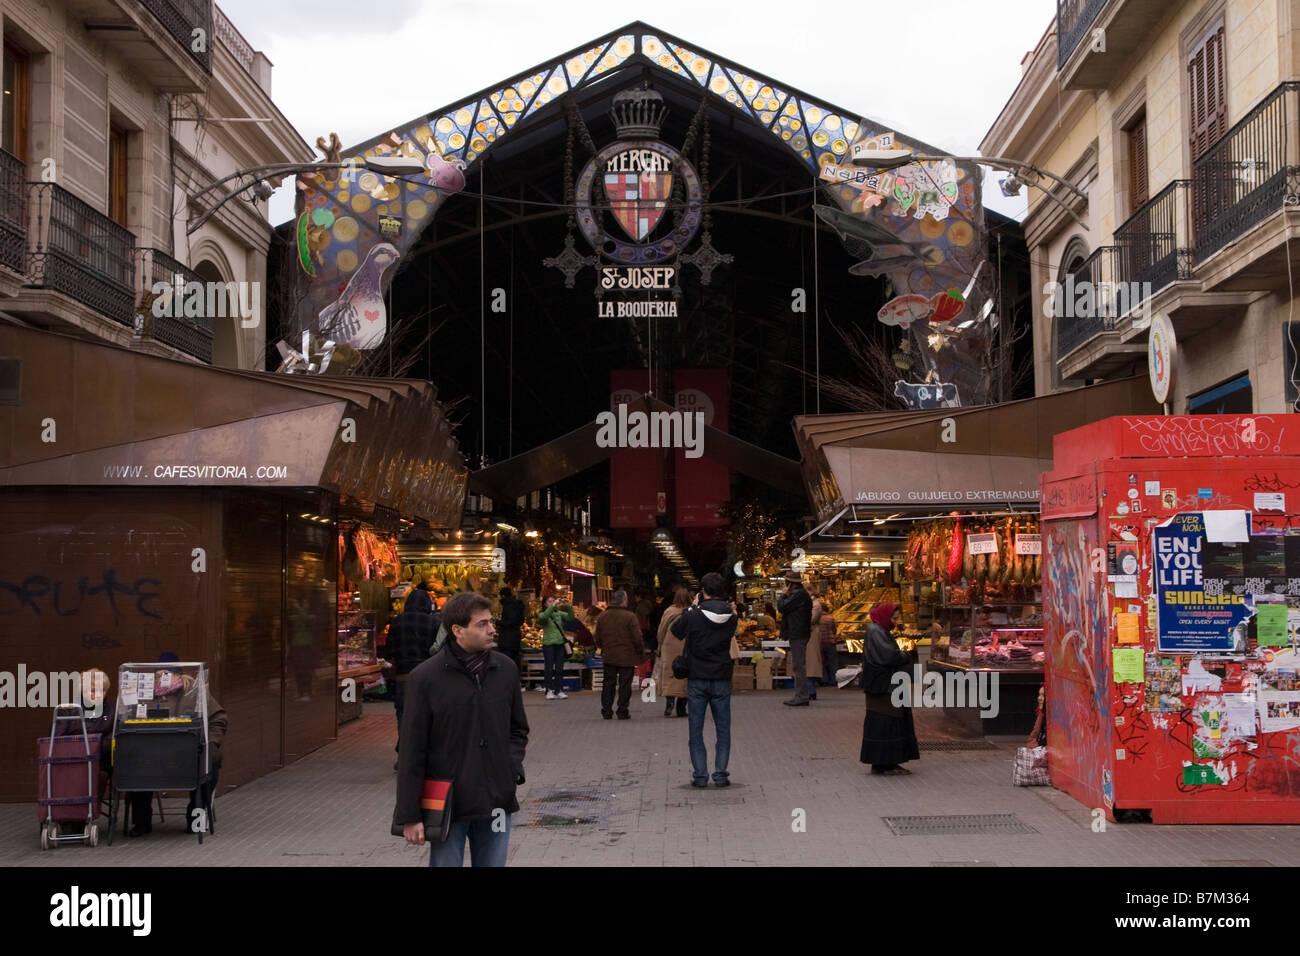 Entrance to La Boqueria market in Barcelona Spain - Stock Image